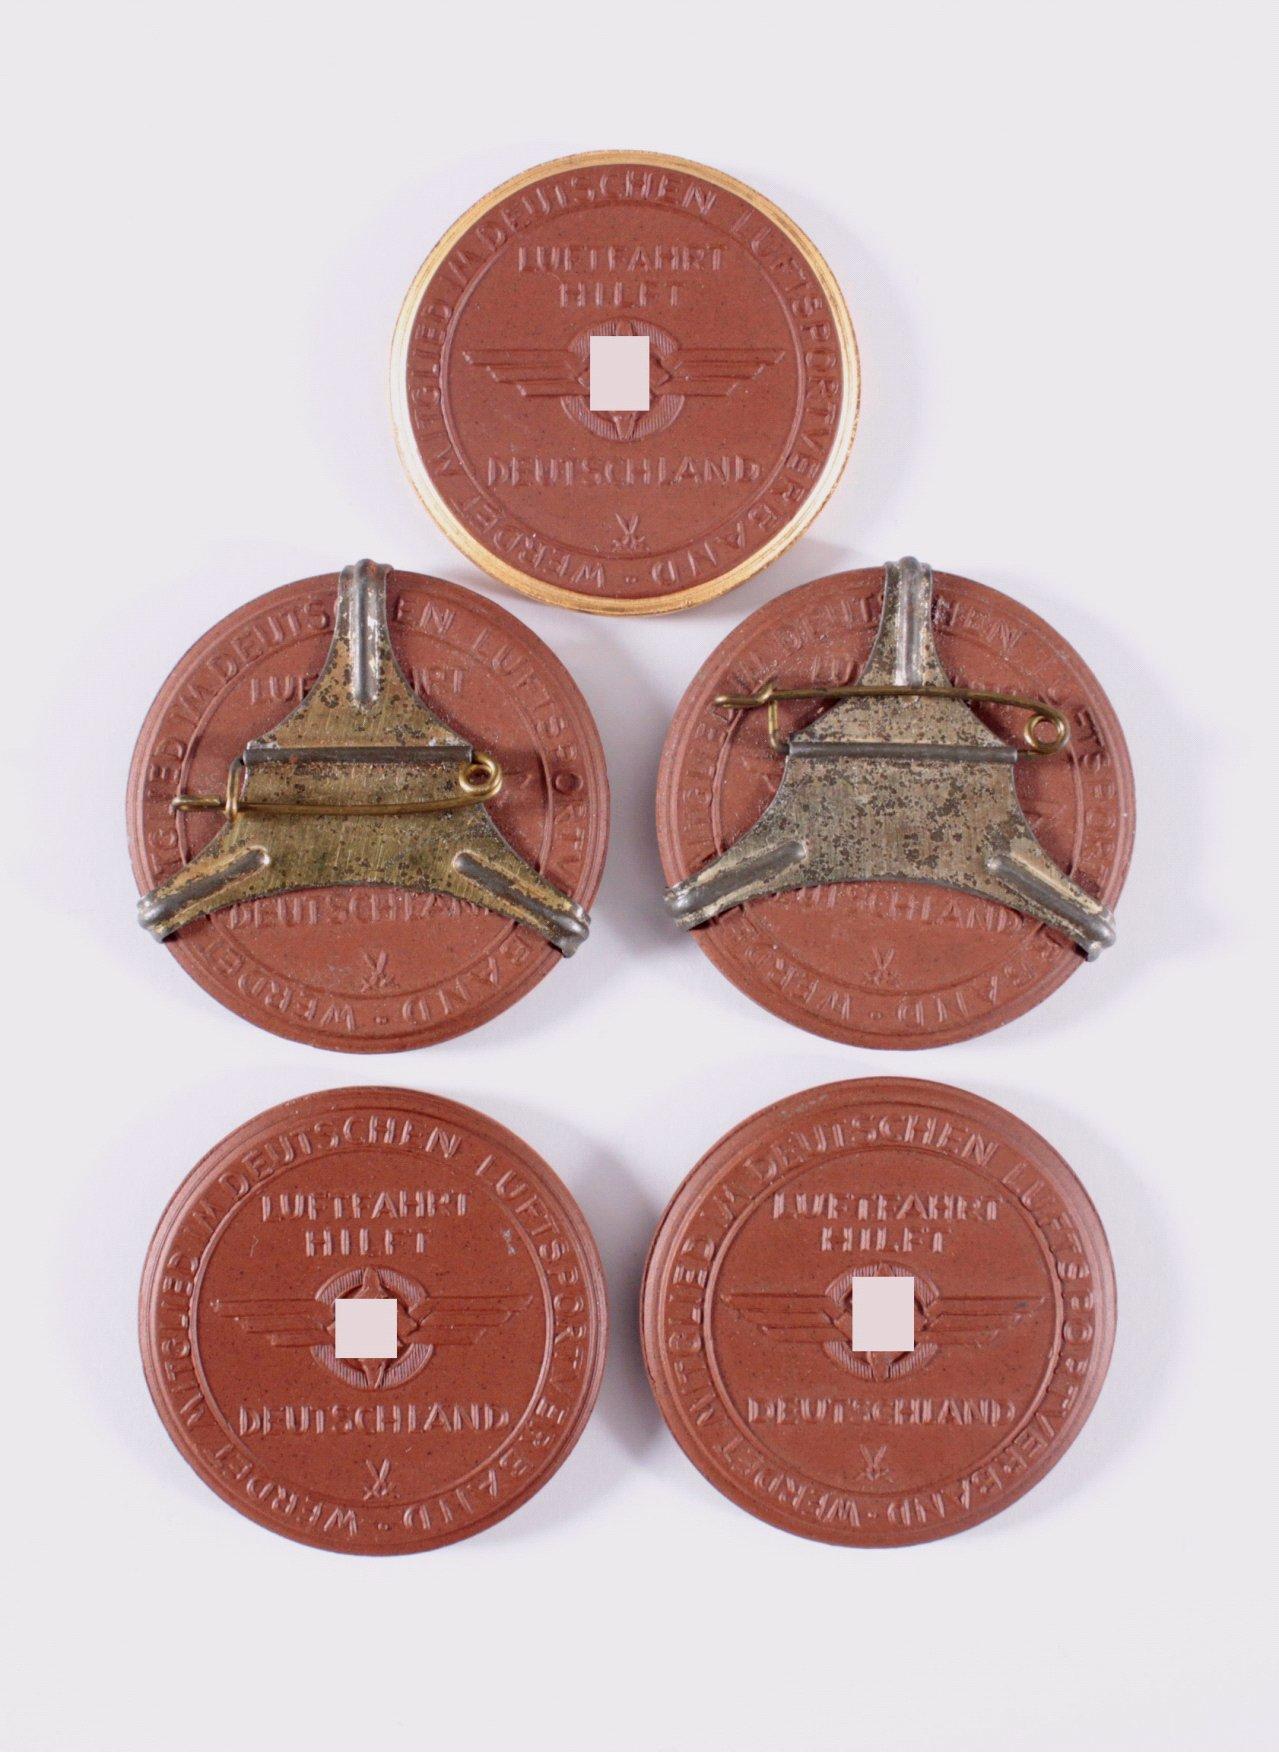 5 Steinzeug Medaillen N.S. Grossflugtag Dresden-Heller 1935-1